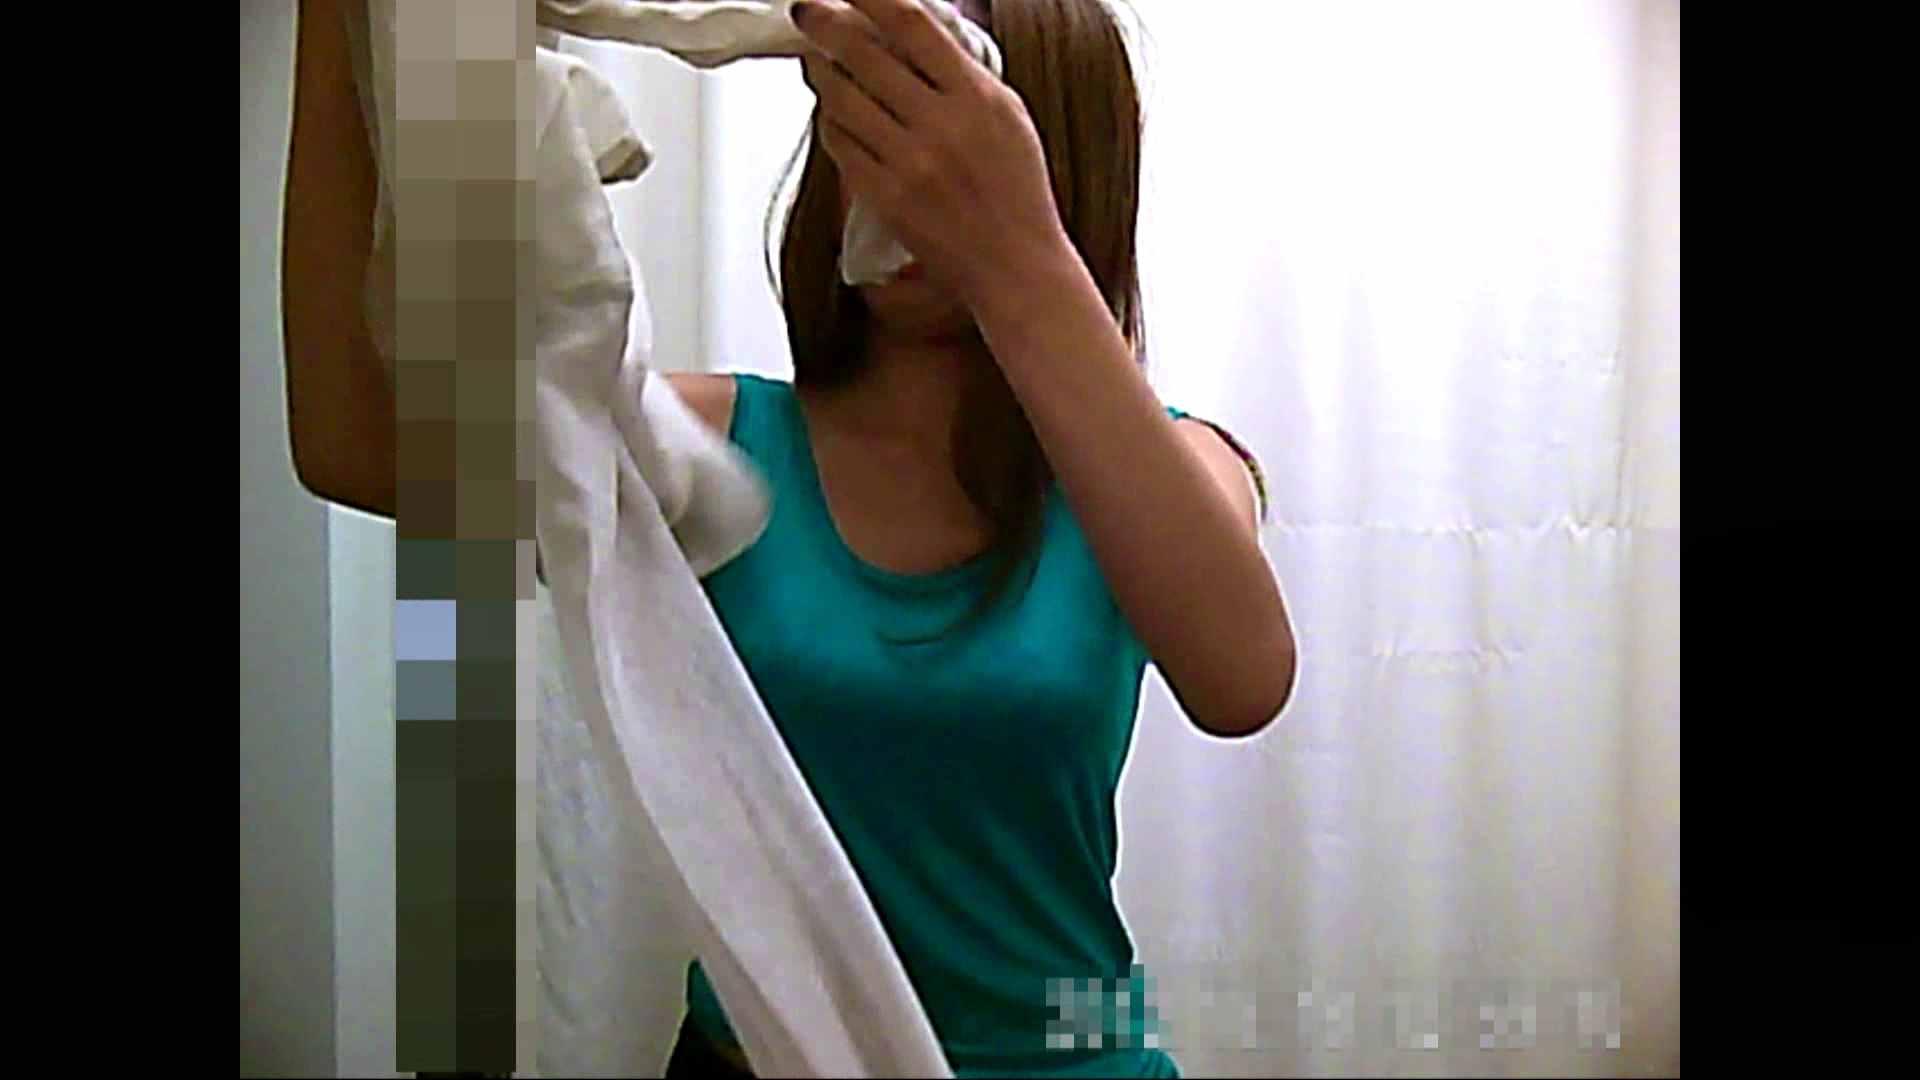 元医者による反抗 更衣室地獄絵巻 vol.053 お姉さんのSEX おまんこ動画流出 94枚 11